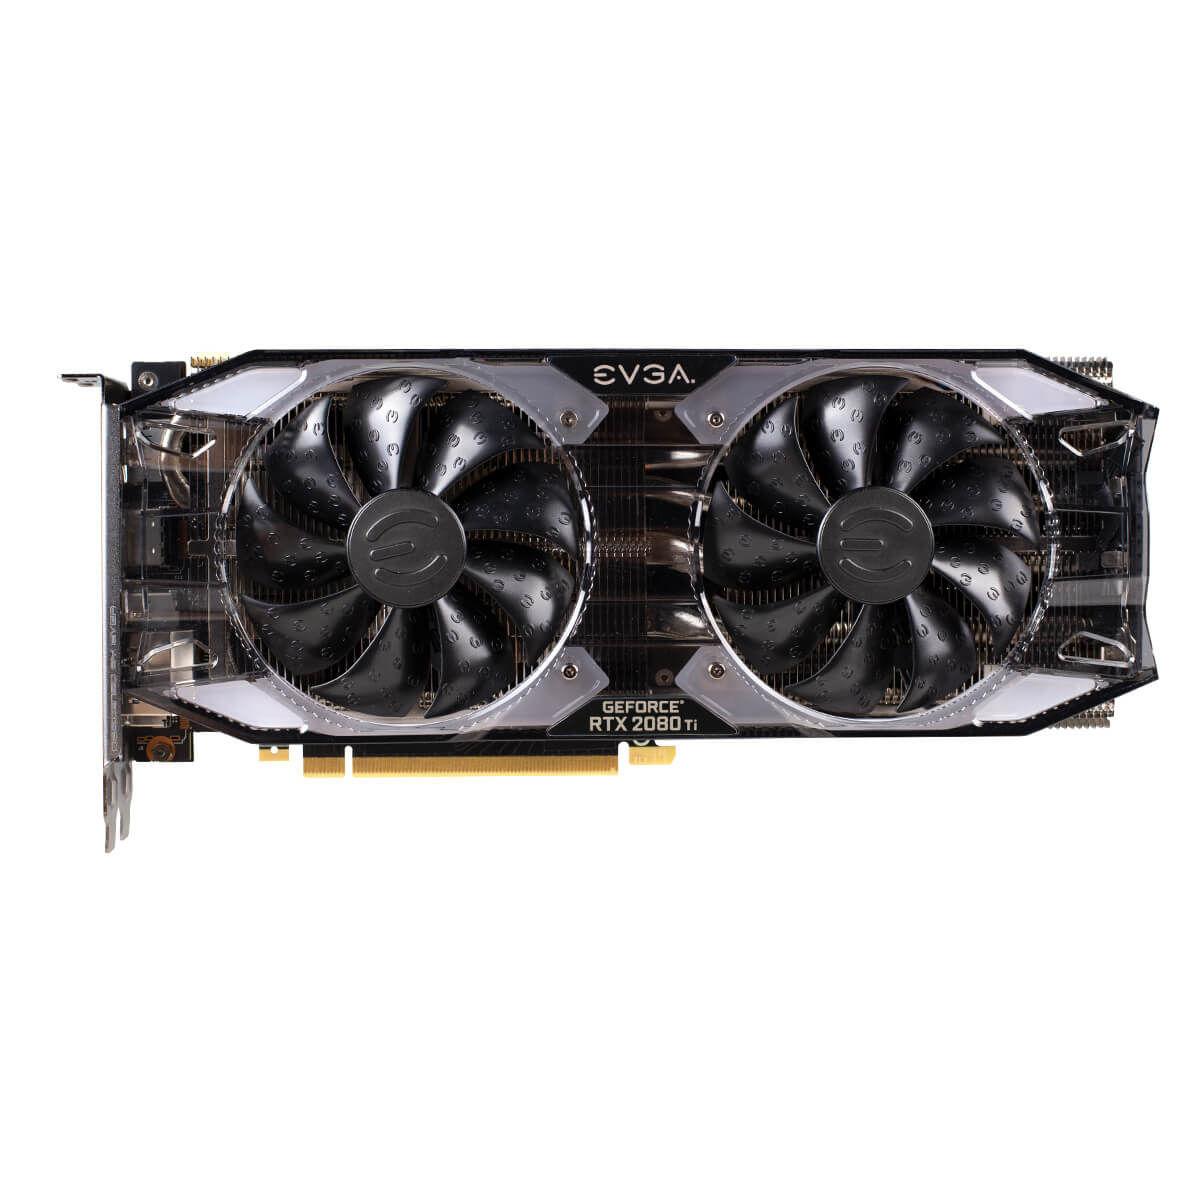 Evga GeForce RTX 2080 Ti XC Gaming 11GB